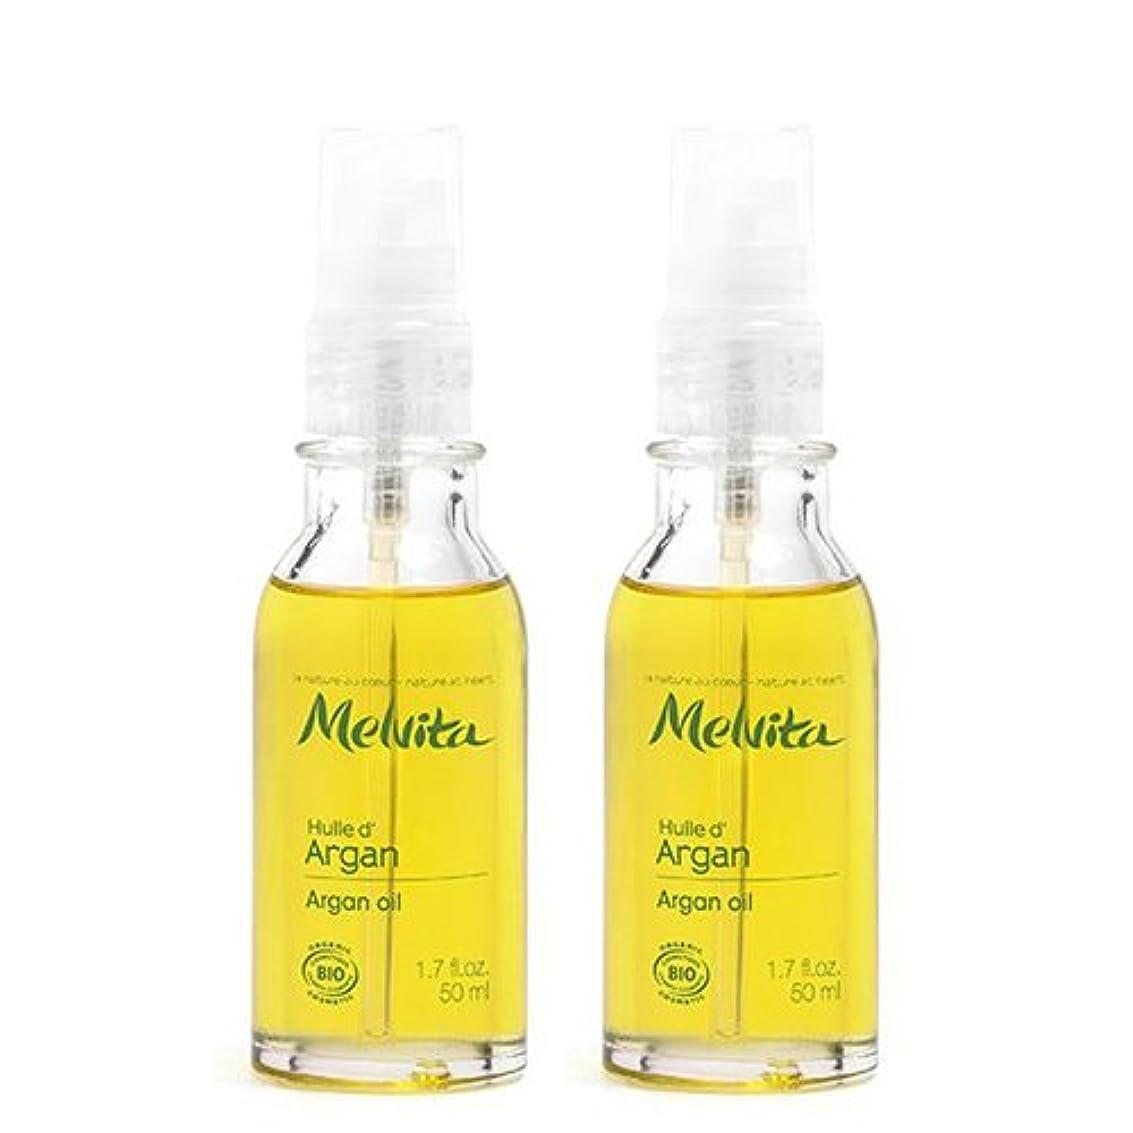 契約フルート買うメルヴィータ(Melvita) 2個セット ビオオイル アルガン オイル 50ml [並行輸入品]